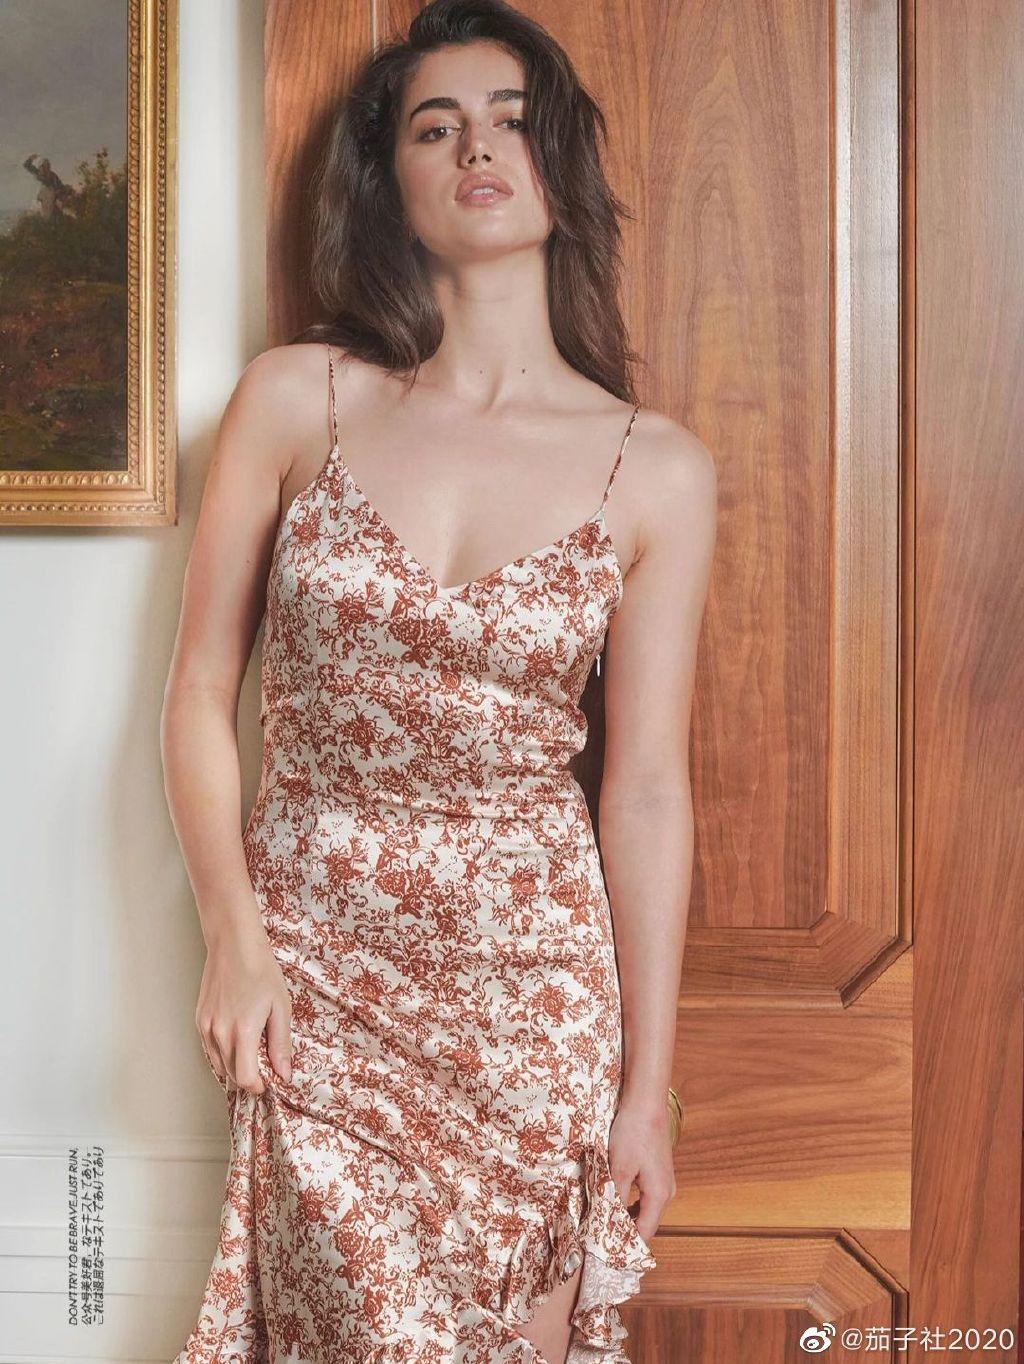 模特Maia Cotton:来自新西兰的非凡身材 男人文娱 热图13